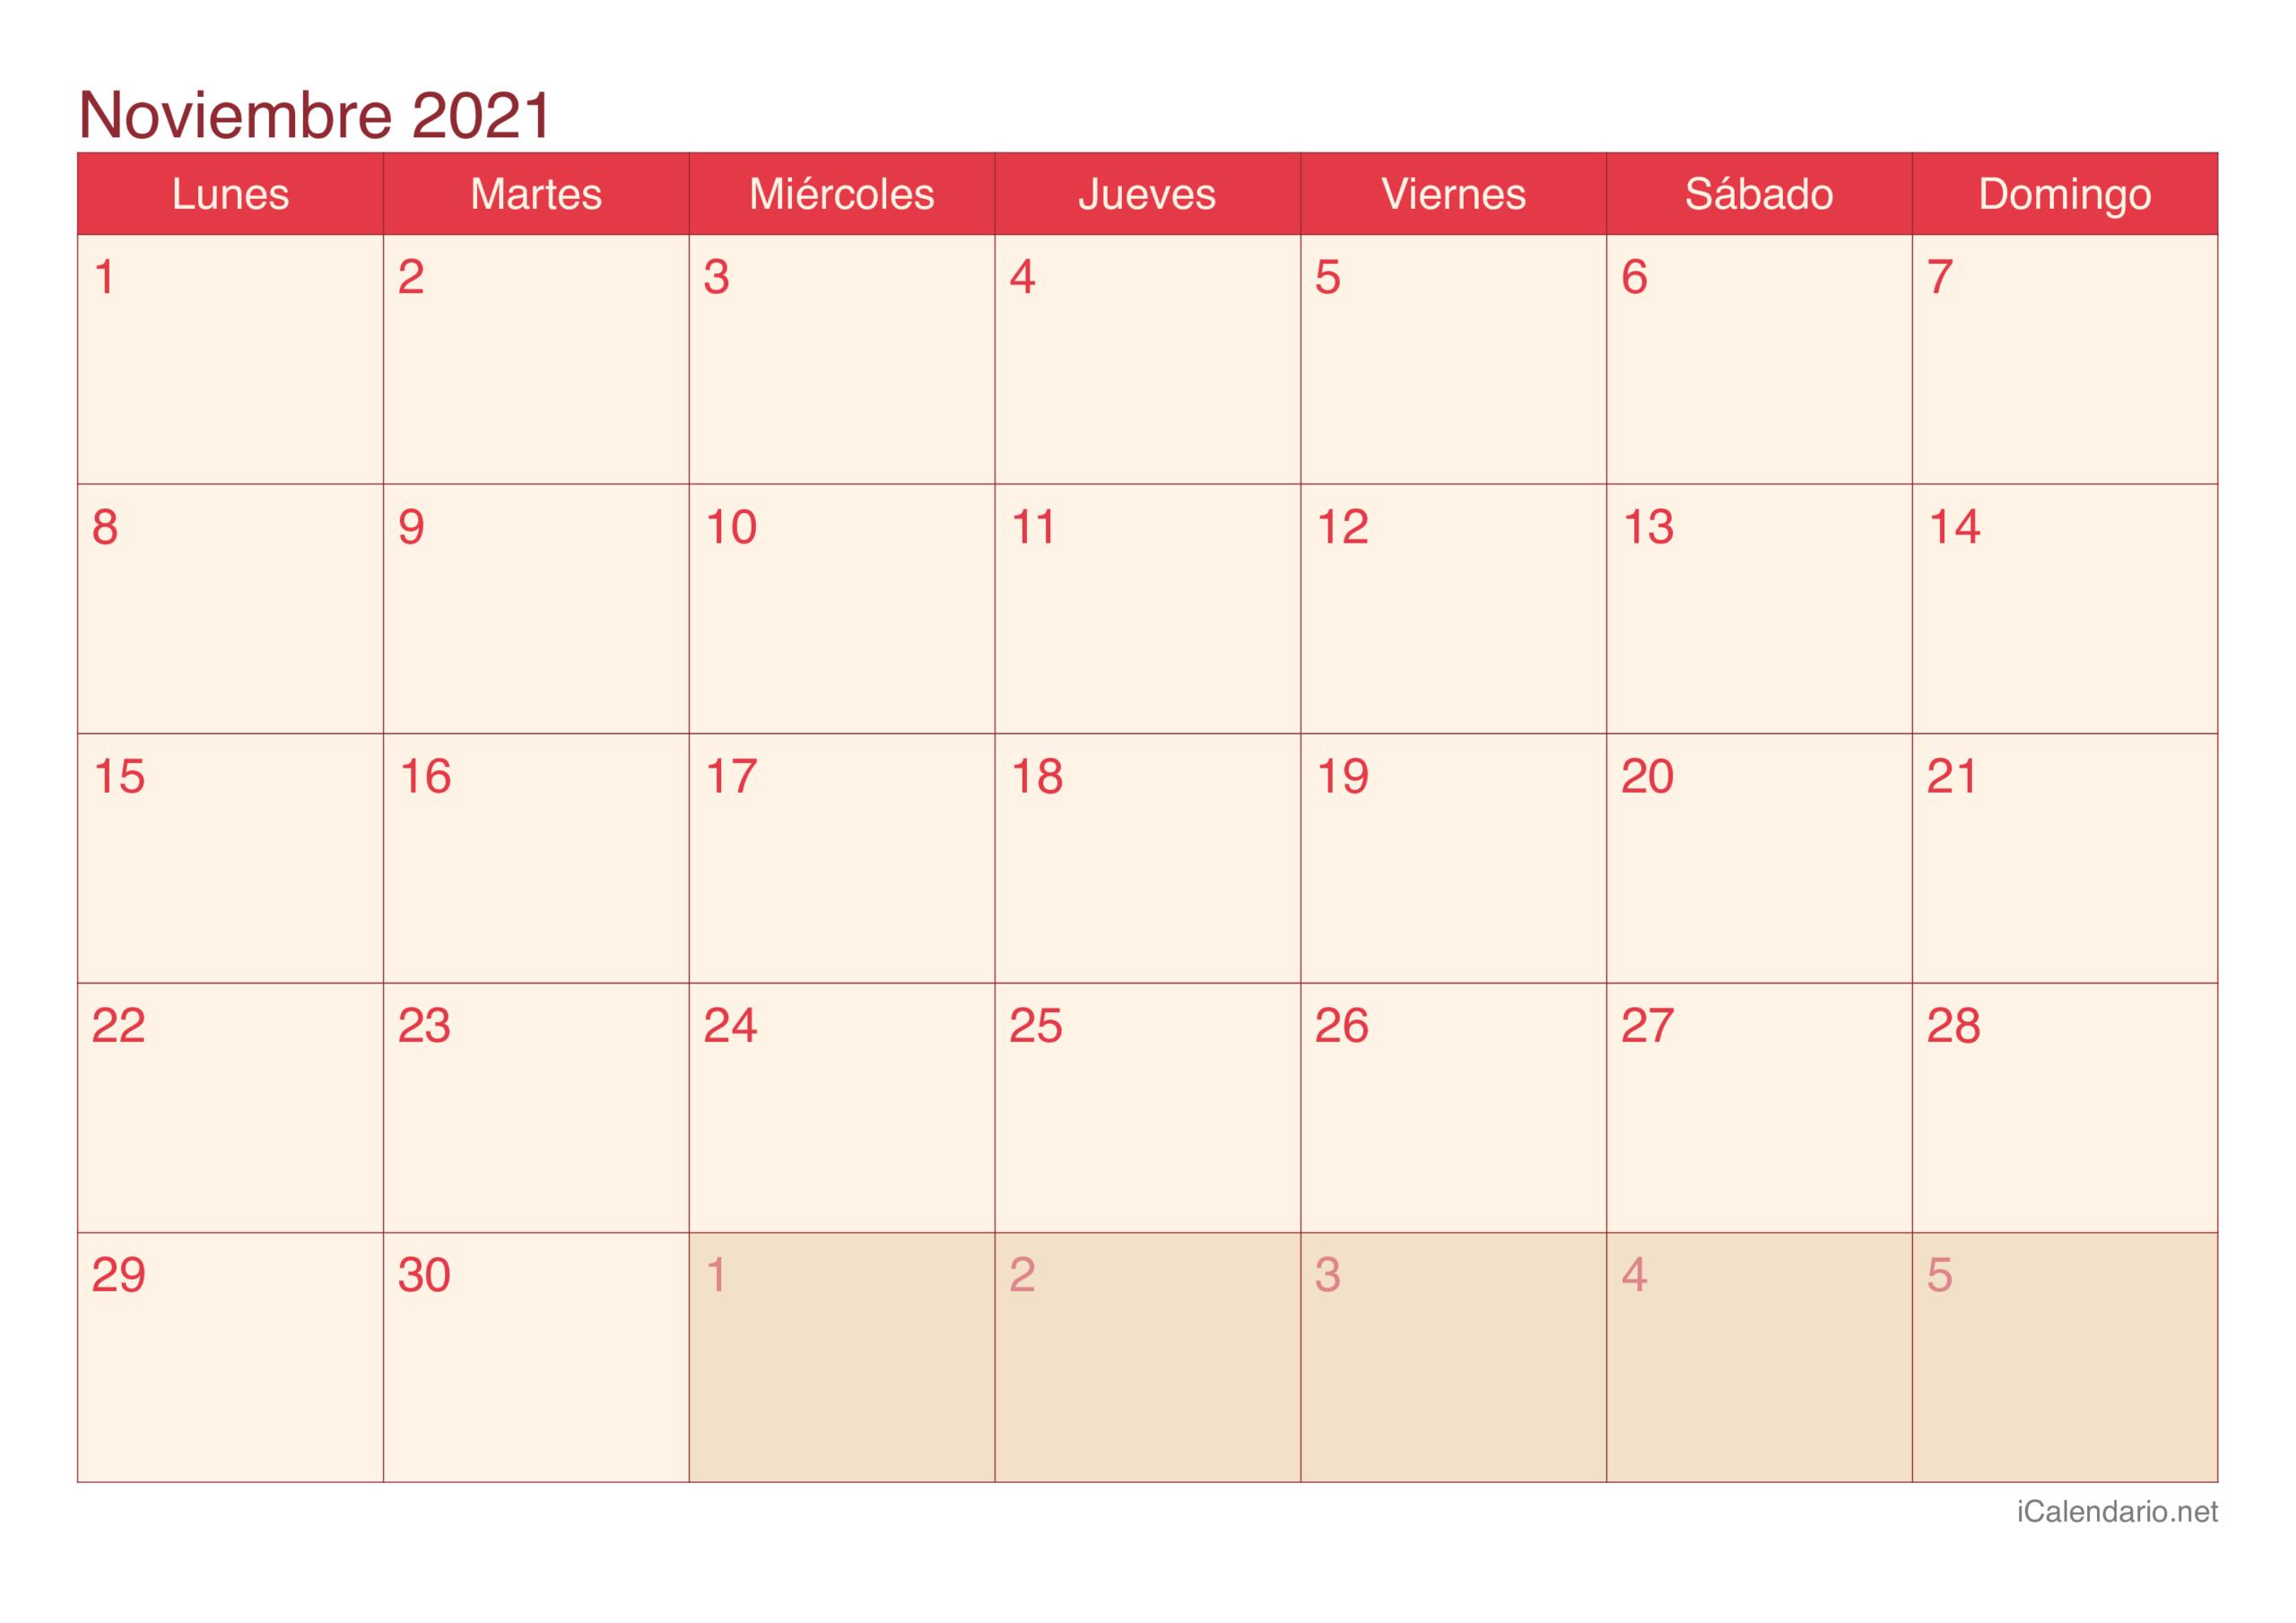 Calendario Noviembre 2021 Para Imprimir - Icalendario